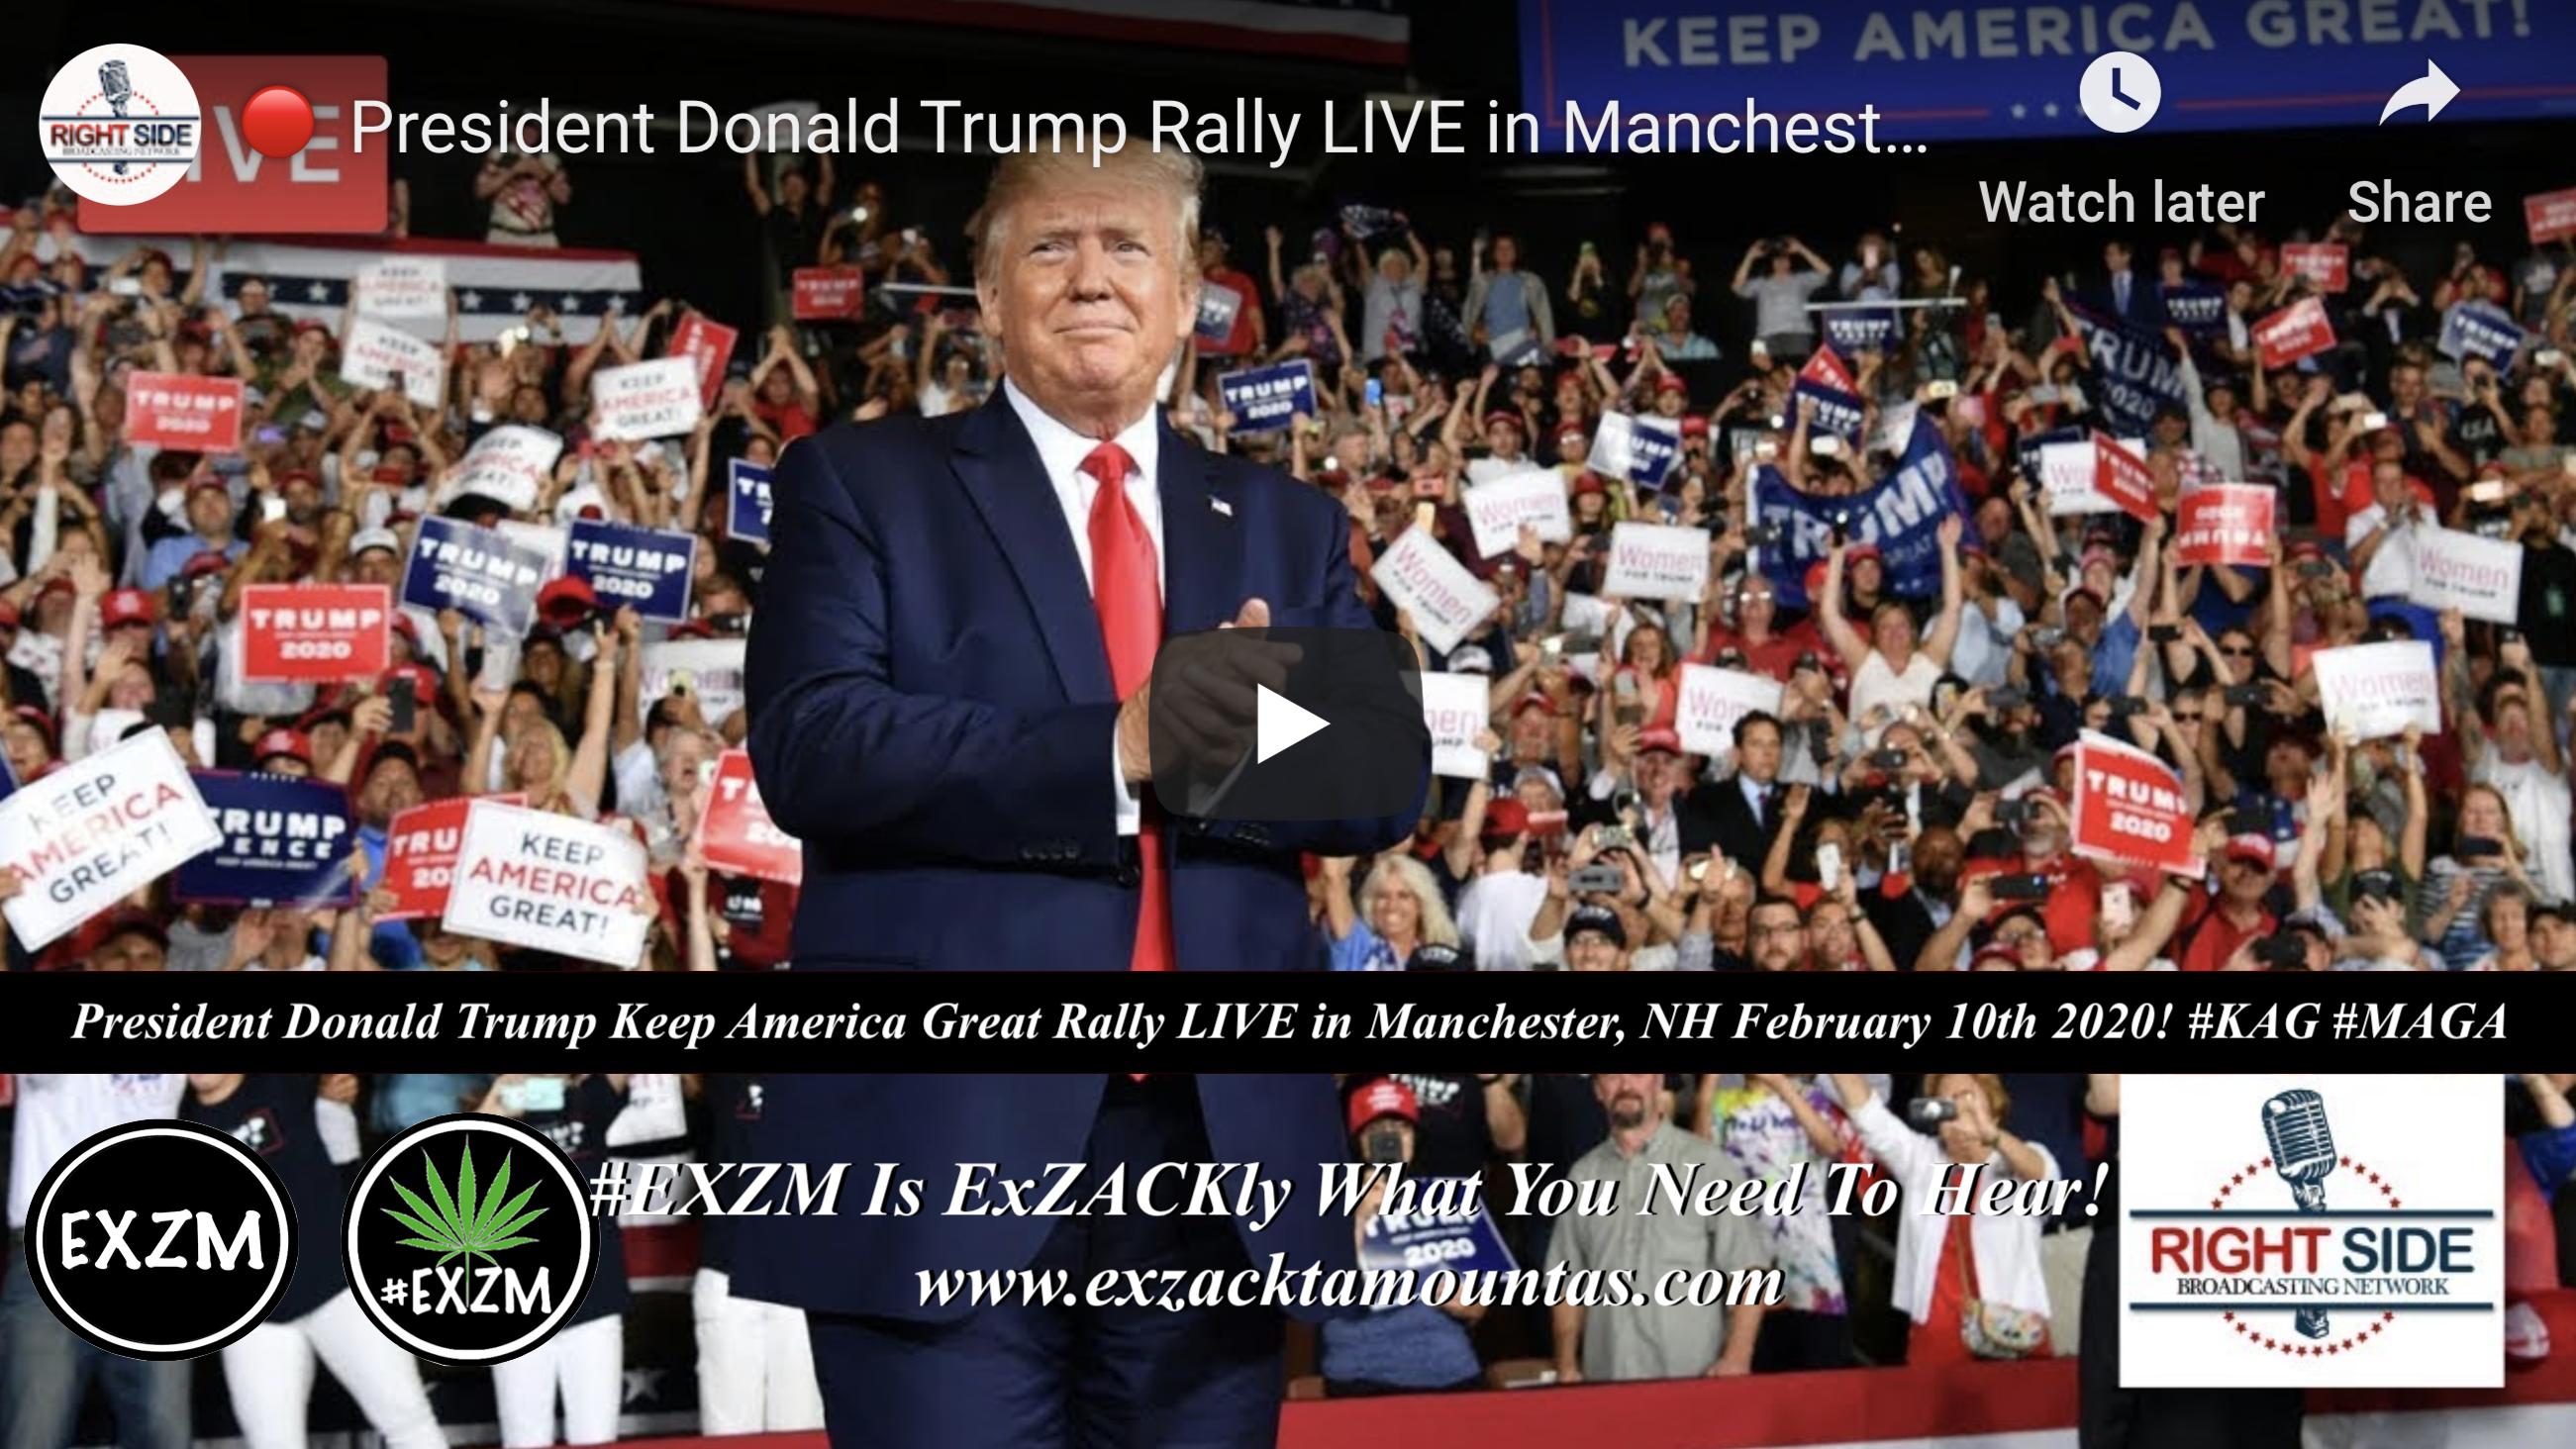 Donald Trump KAG MAGA Manchester New Hampshire 2 10 2020